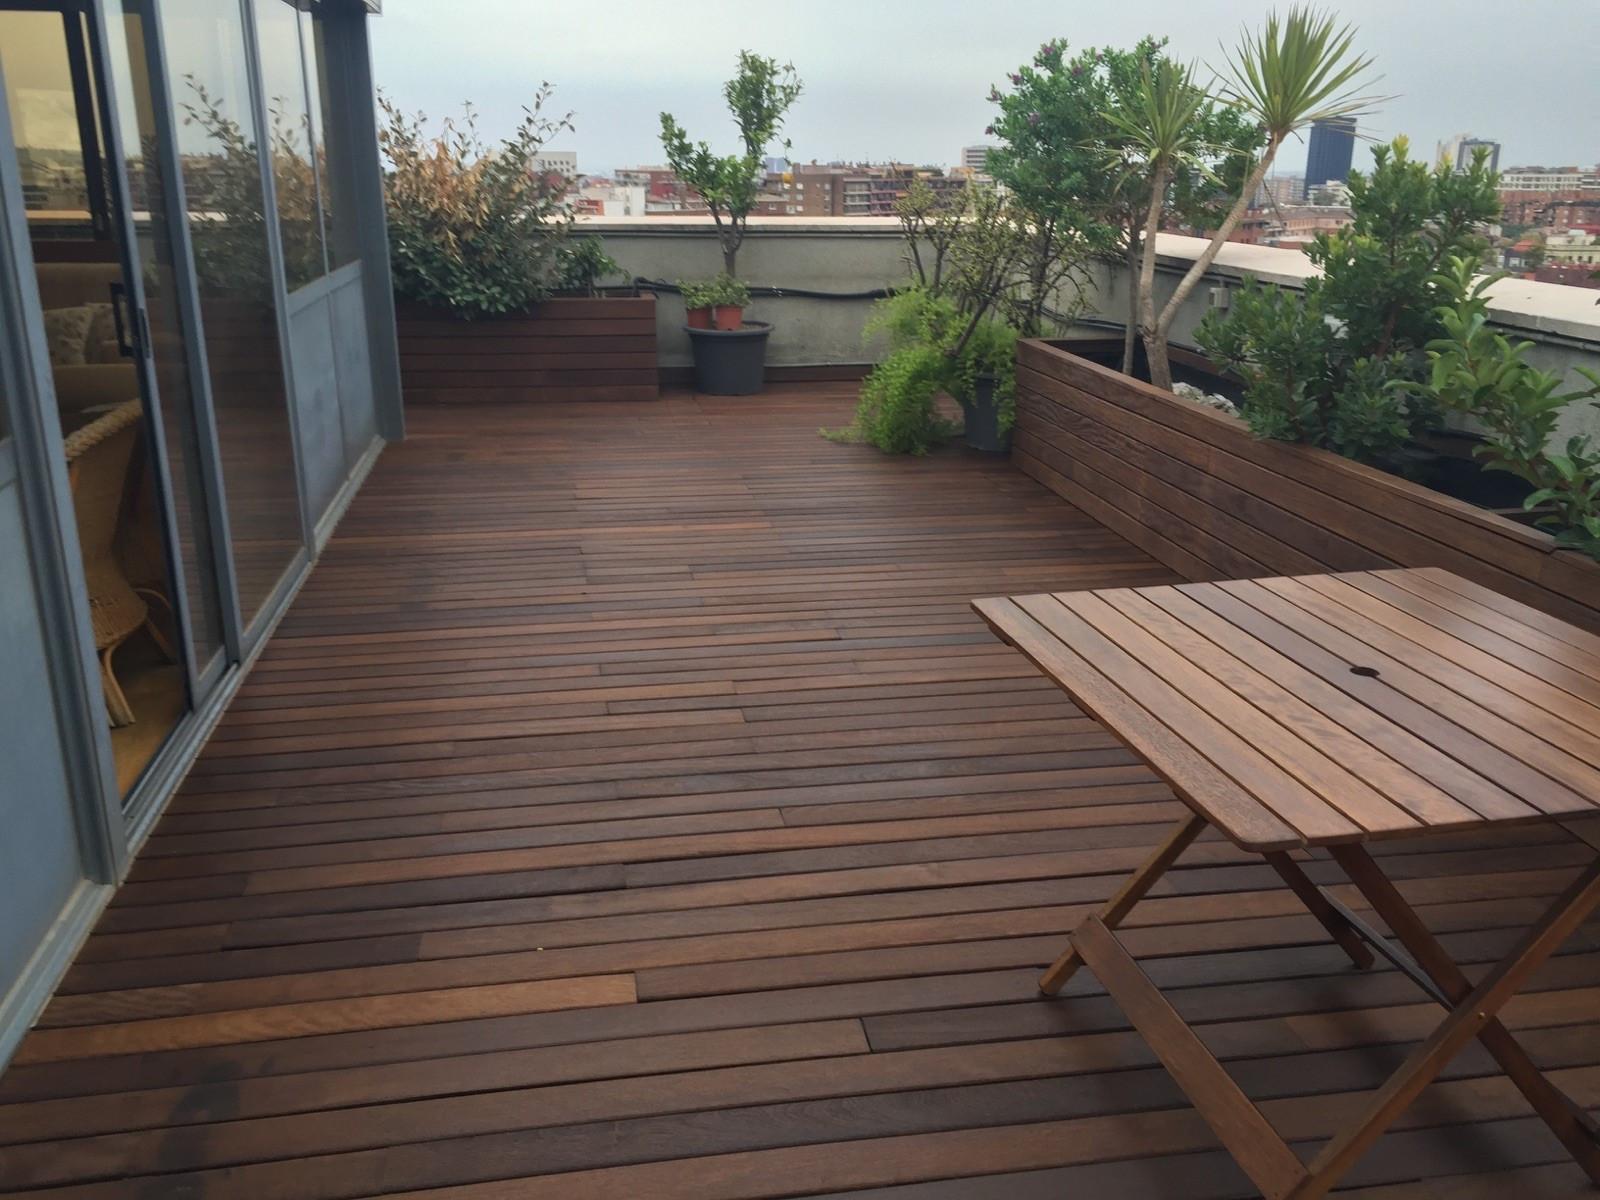 Mantenimientos madera doctor madera - Terrazas de madera precios ...